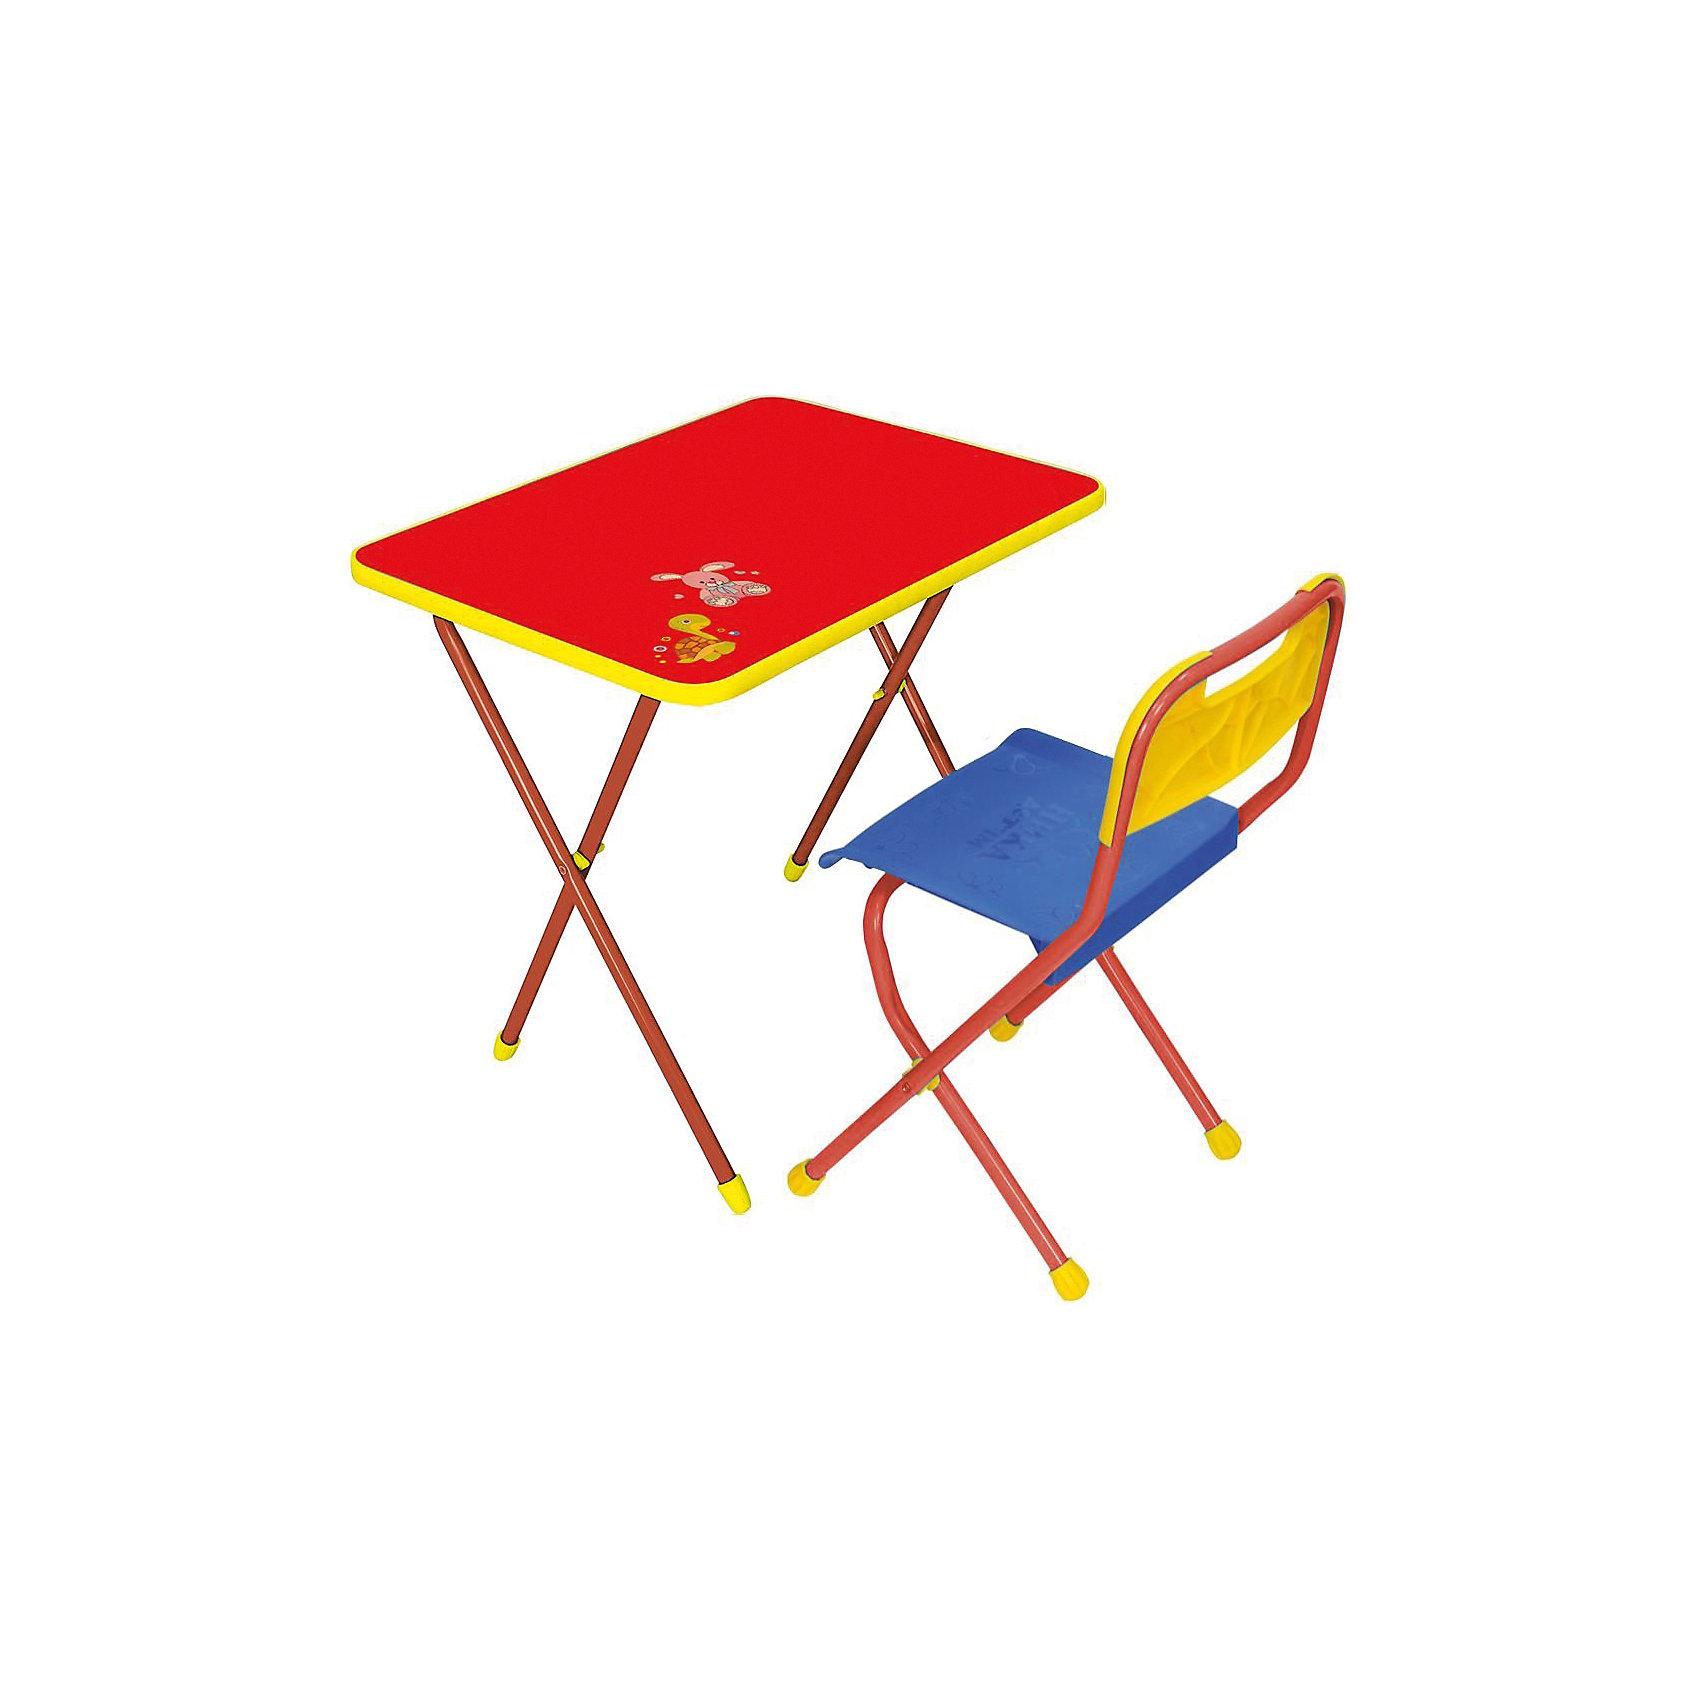 Набор мебели КА1, Алина, Ника, красныйСтолы и стулья<br>Характеристики товара:<br><br>• цвет: красный<br>• материал: металл, пластик, фанера<br>• размер столешницы: 60х45 см<br>• высота стола: 58 см<br>• сиденье: 26х29 см<br>• высота до сиденья: 35 см<br>• высота со спинкой 61 см<br>• размер упаковки: 75х15х61 см<br>• вес в упаковке: 6,5 кг<br>• складной<br>• на столешнице - рисунок<br>• на ламинированной поверхности стола можно рисовать маркером на водной основе<br>• на ножках пластмассовые наконечники<br>• складной<br>• возраст: от 3 до 7 лет<br>• страна бренда: Российская Федерация<br>• страна производства: Российская Федерация<br><br>Детская мебель может быть удобной и эргономичной! Этот комплект разработан специально для детей от трех до семи лет. Он легко складывается и раскладывается, занимает немного места. Каркас сделан из прочного, но легкого металла, а на ножках установлены пластмассовые наконечники для защиты напольного покрытия. Отличное решение как для кормления малыша, так и для игр, творчества и обучения!<br>Правильно подобранная мебель помогает ребенку расти здоровым, формироваться правильной осанке. Изделие производится из качественных сертифицированных материалов, безопасных даже для самых маленьких.<br><br>Набор мебели Алина, красный от бренда Ника можно купить в нашем интернет-магазине.<br><br>Ширина мм: 750<br>Глубина мм: 155<br>Высота мм: 610<br>Вес г: 6650<br>Возраст от месяцев: 36<br>Возраст до месяцев: 84<br>Пол: Унисекс<br>Возраст: Детский<br>SKU: 5223609